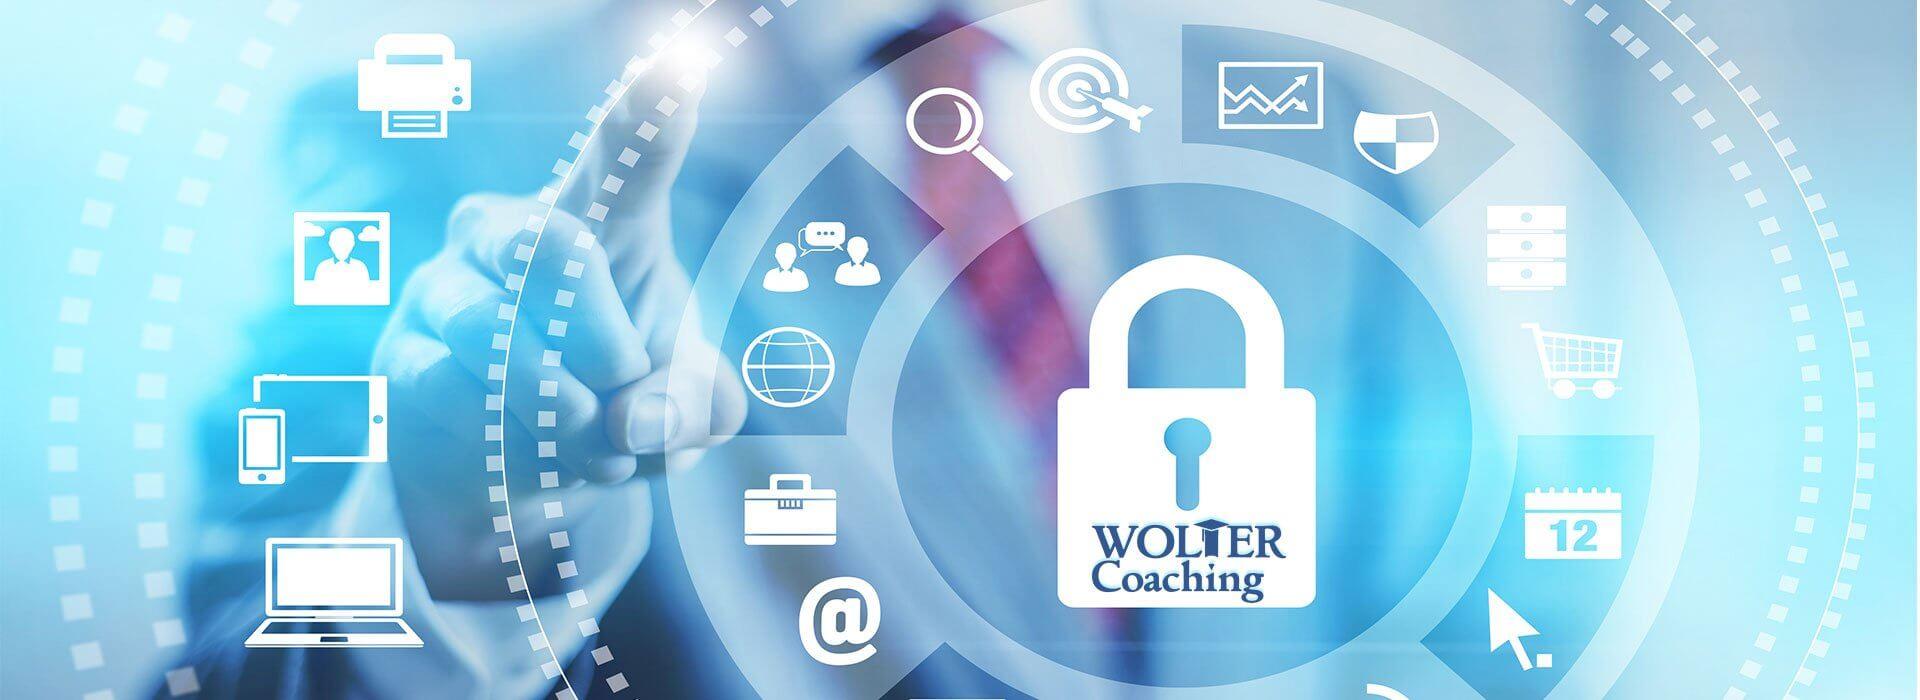 Bild IT Sicherheit | Wolter Coaching